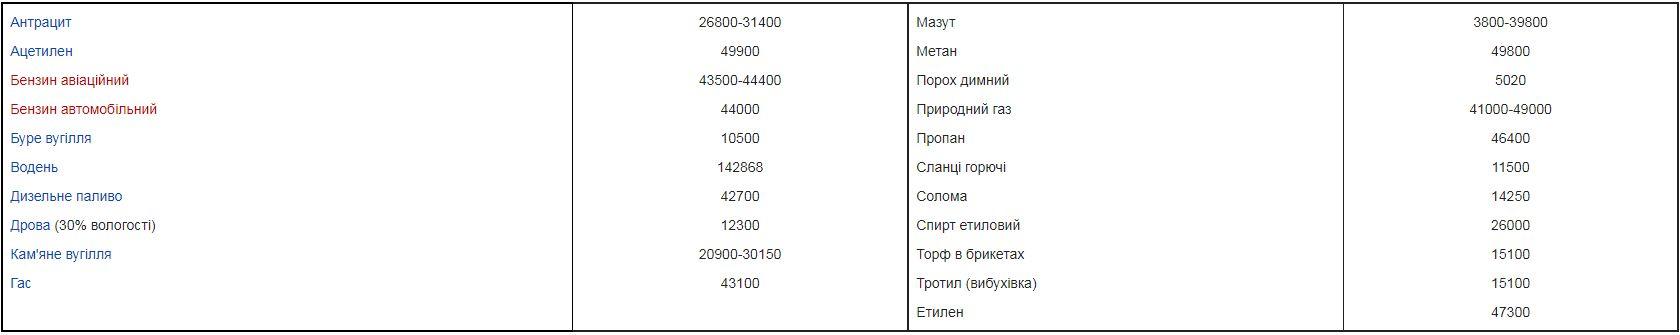 Таблиця питомої теплоти згоряння палива